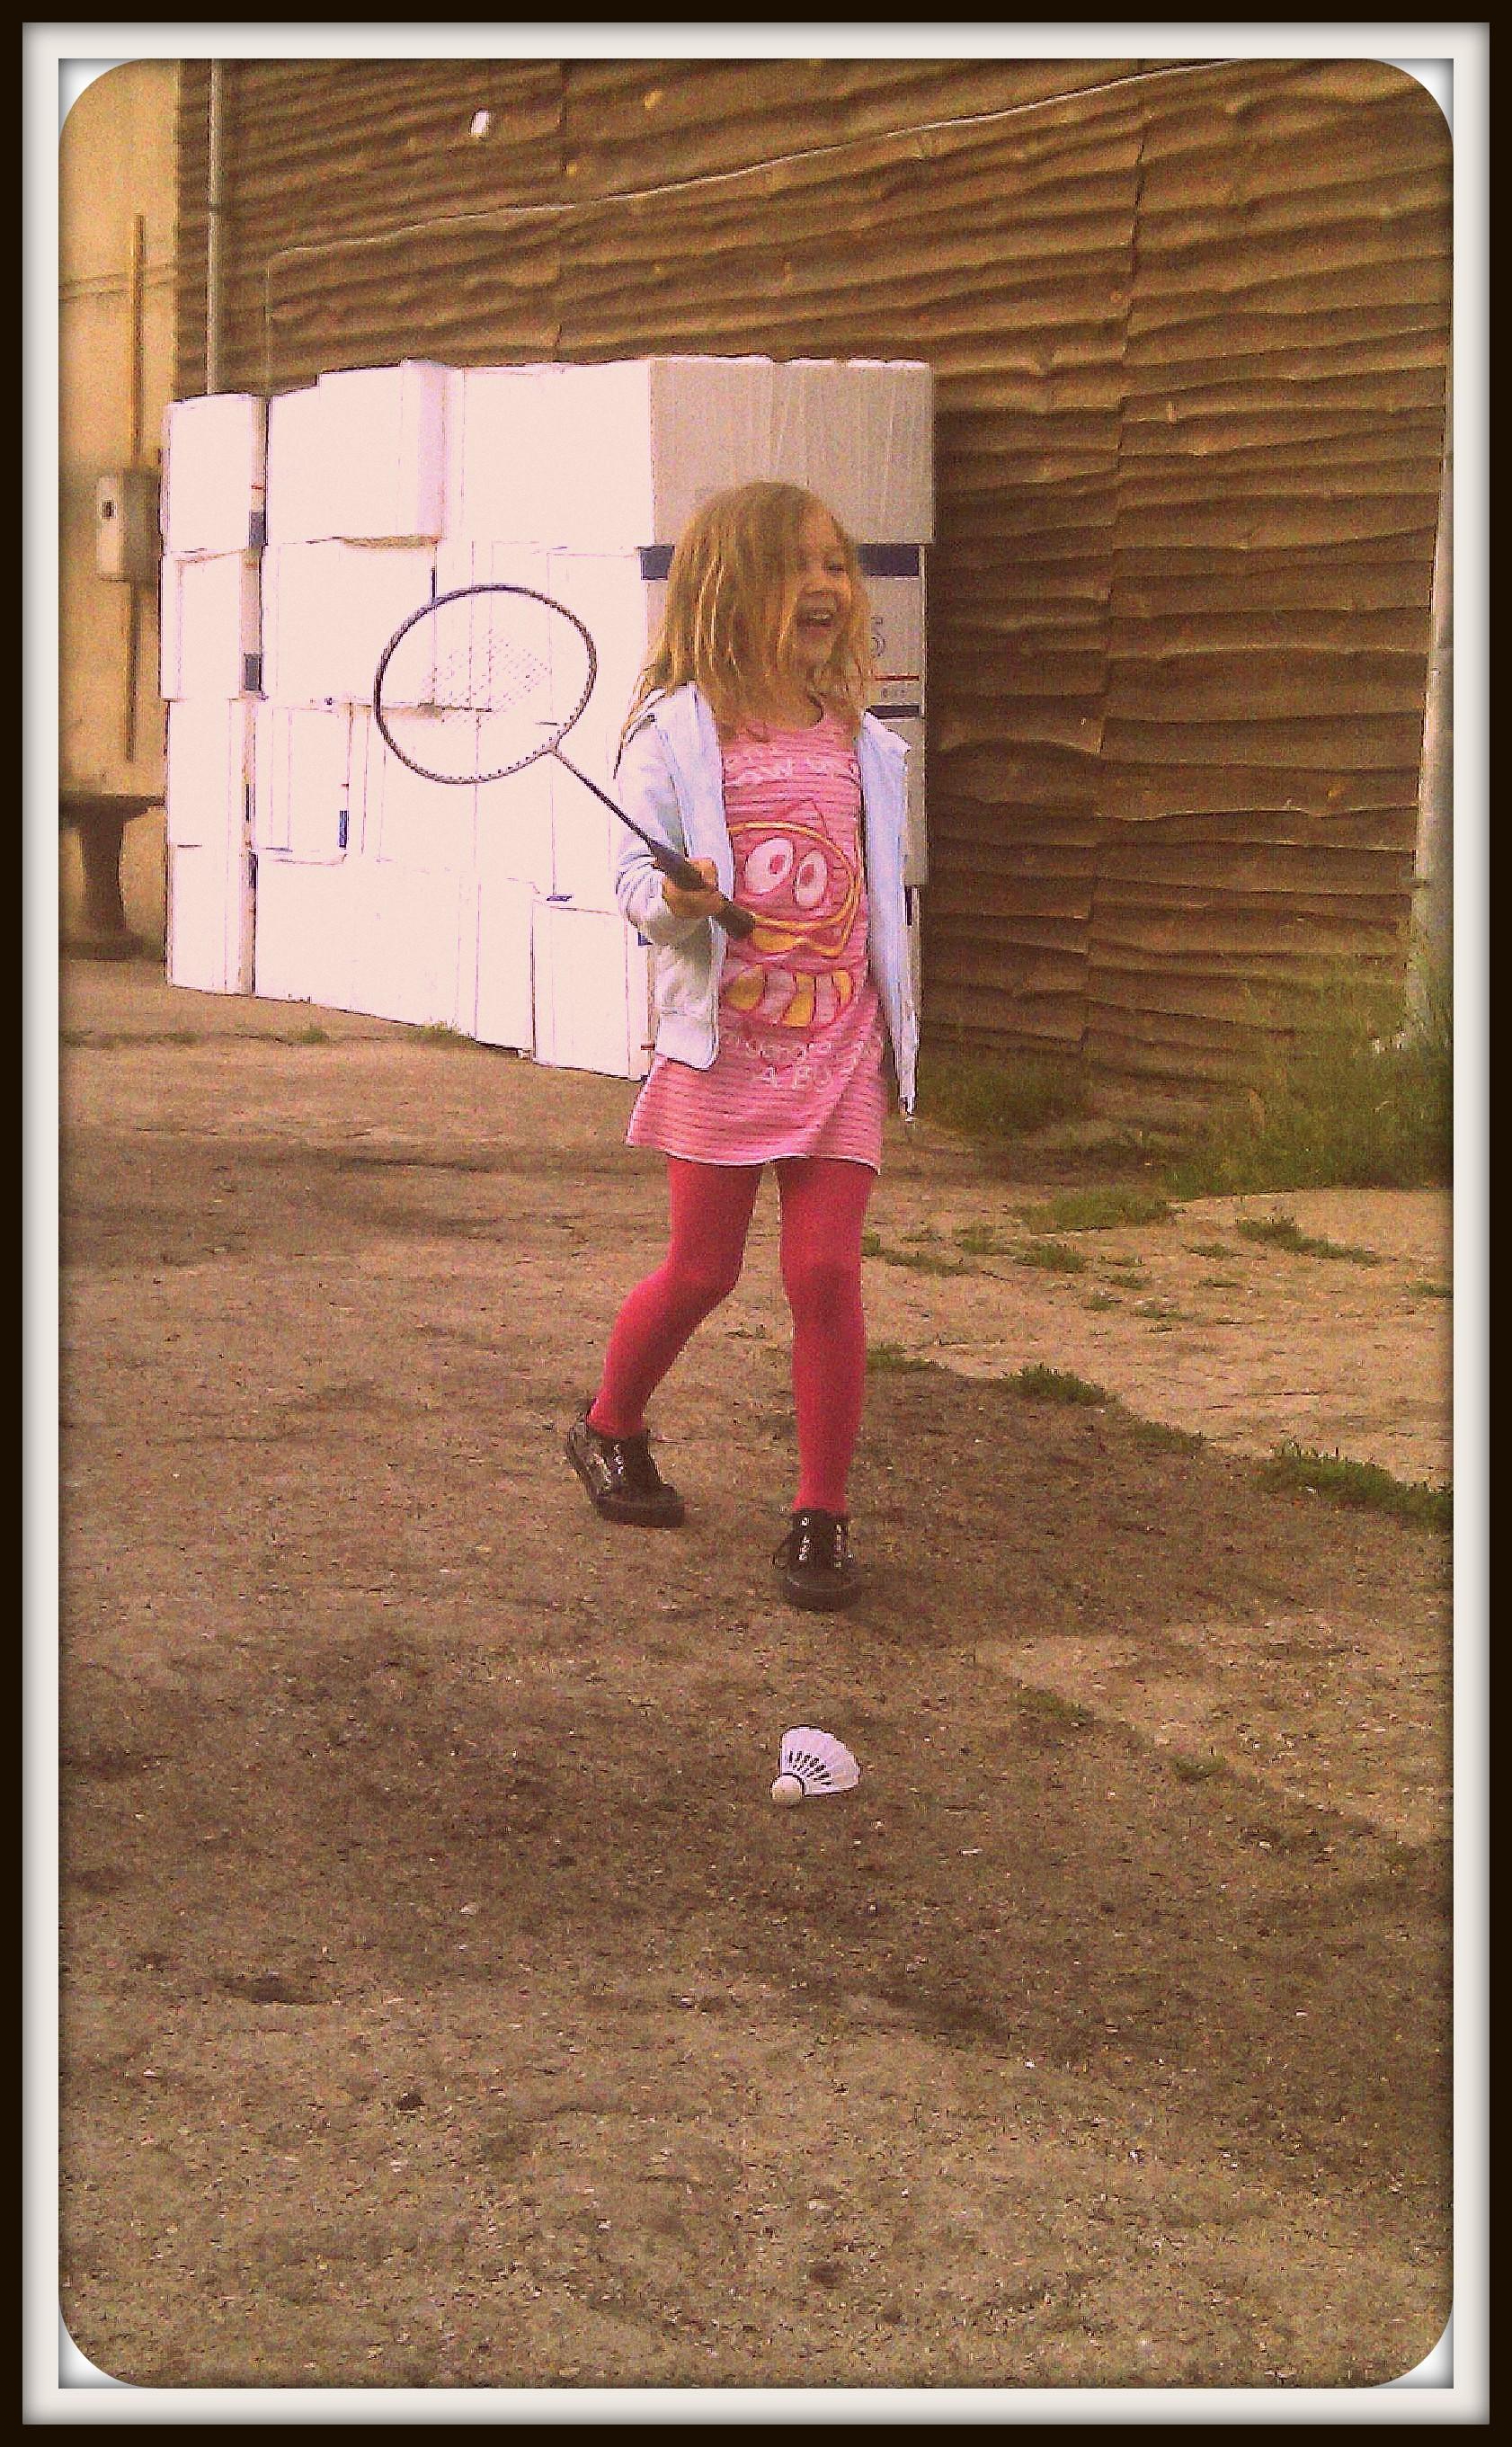 pierwszy kontakt z badmintonem